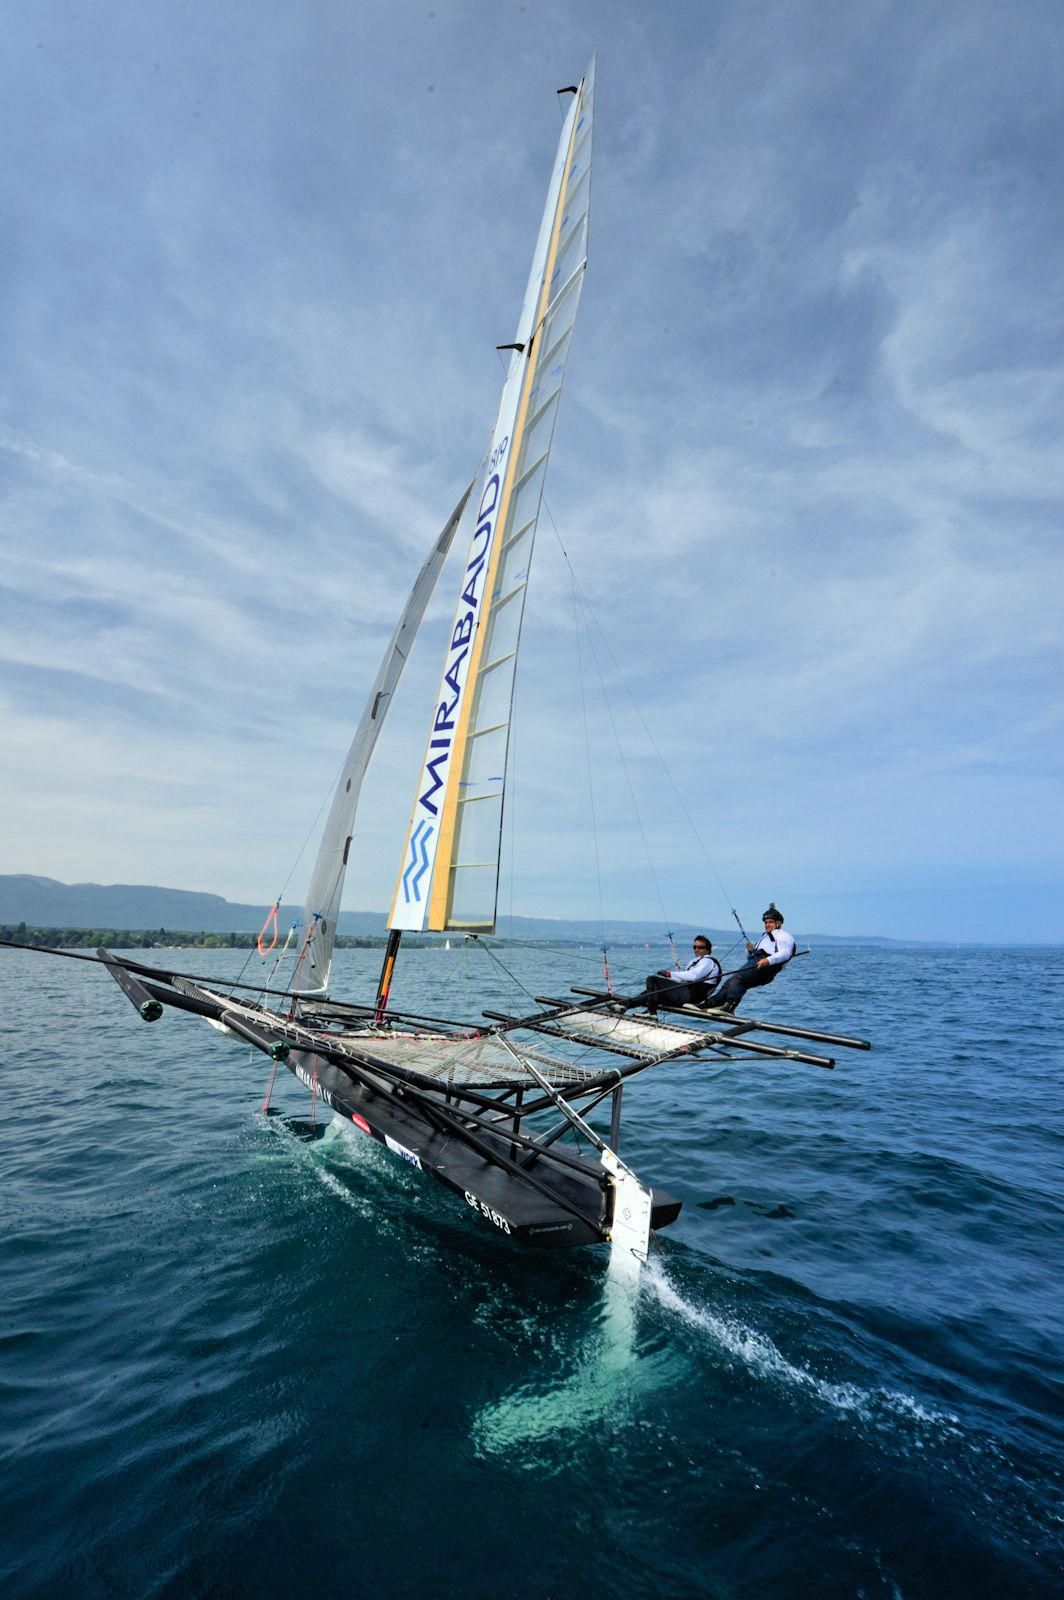 Rchobbystore Boat Sailing Sailing Yacht